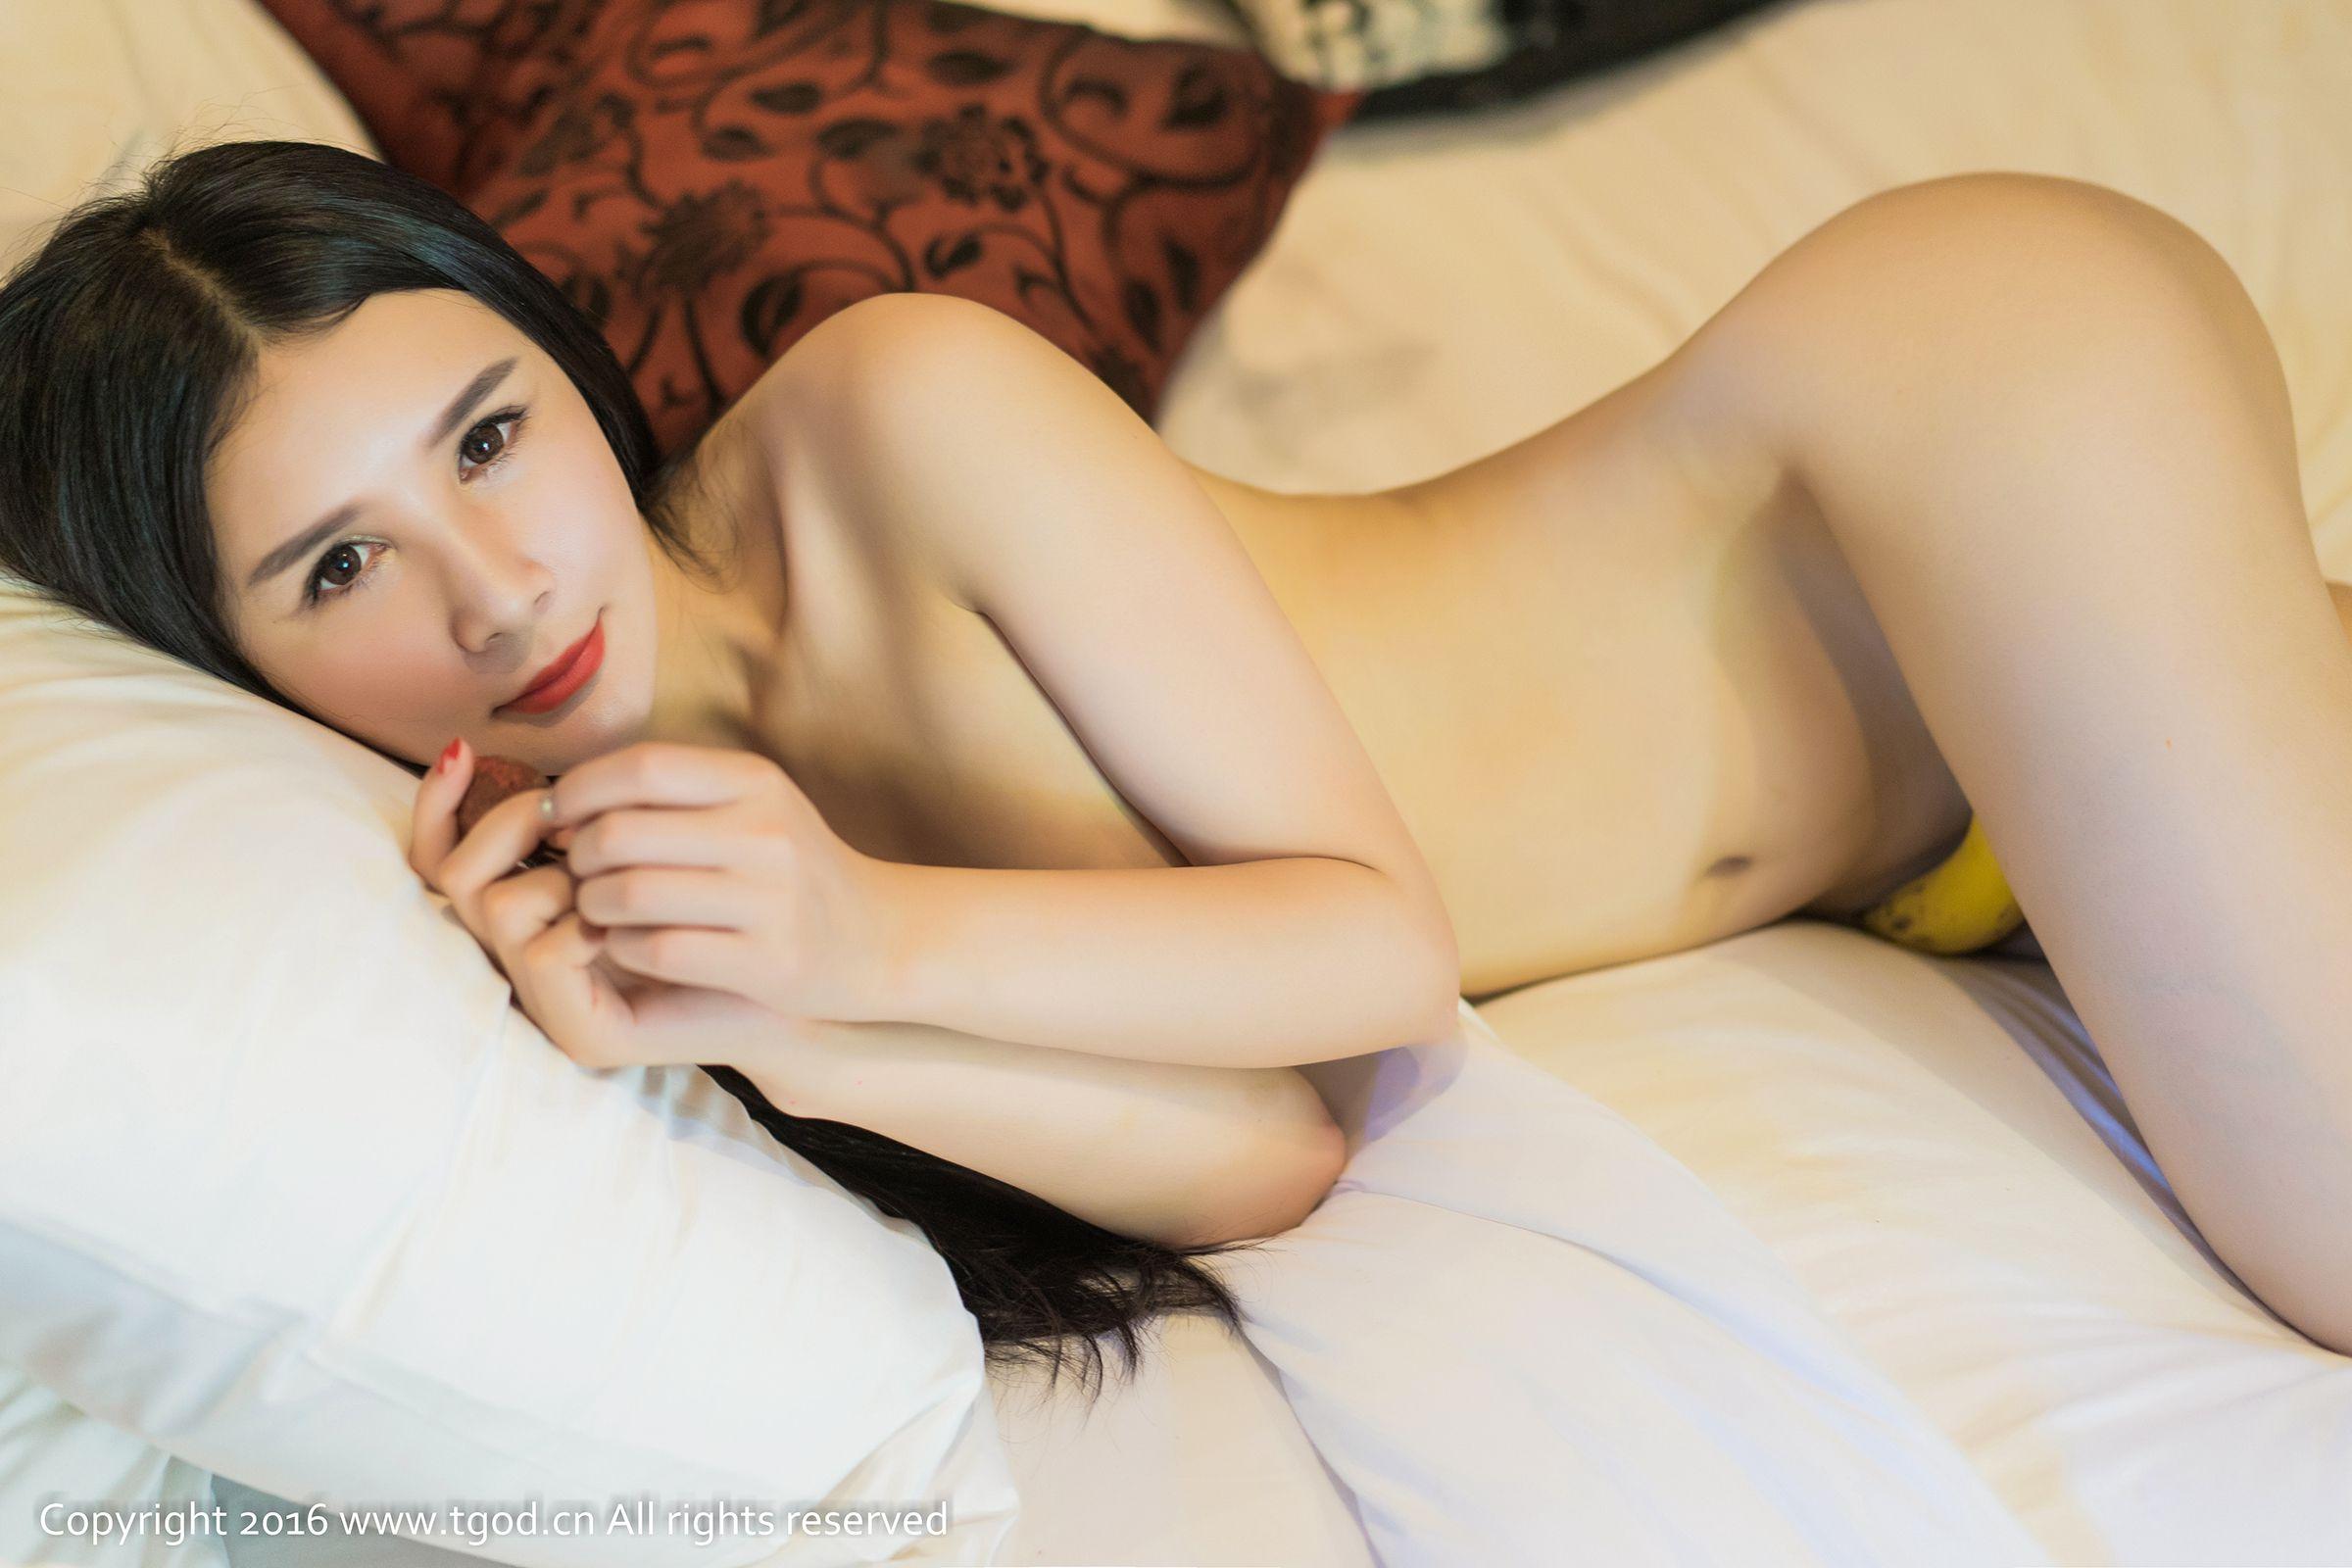 [尤蜜荟] 顾欣怡 《苏梅岛旅拍》 第三刊 [42P]